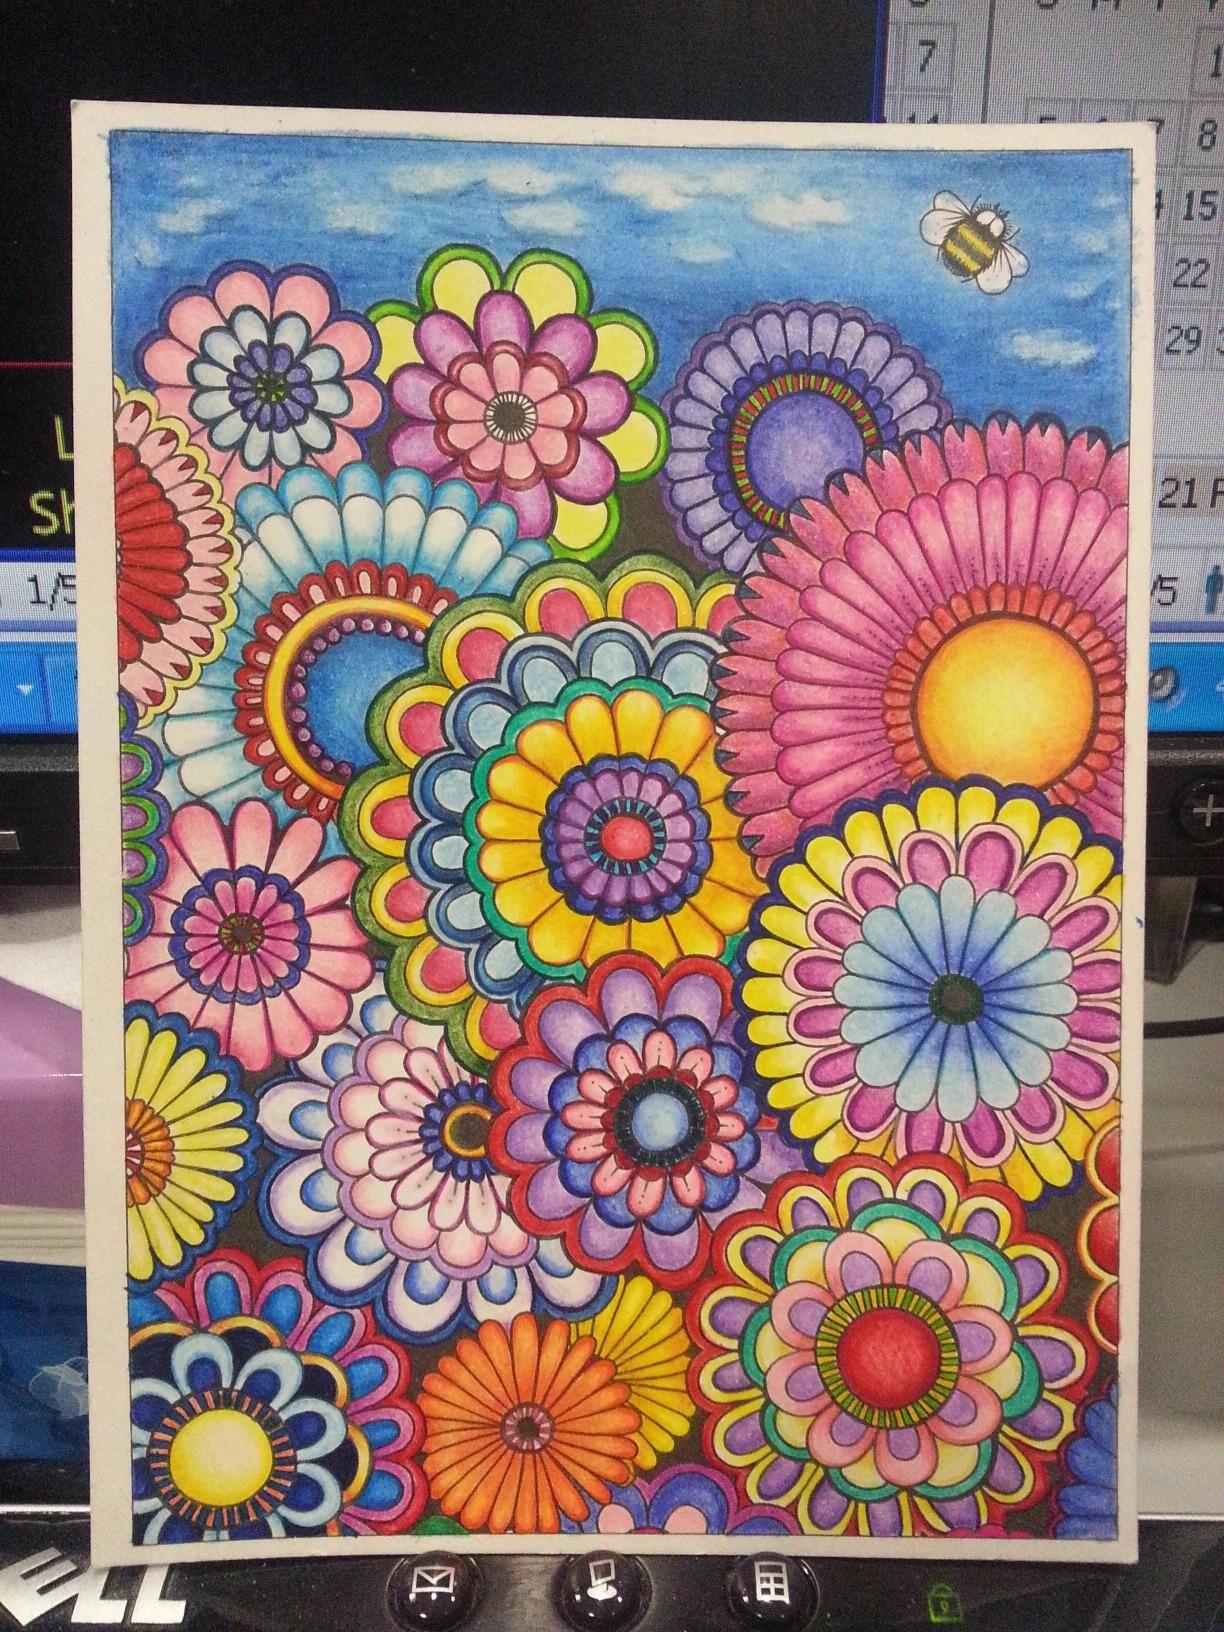 Zendoodle coloring enchanting gardens - Amazon Com Secret Garden 20 Postcards 9781856699464 Johanna Basford